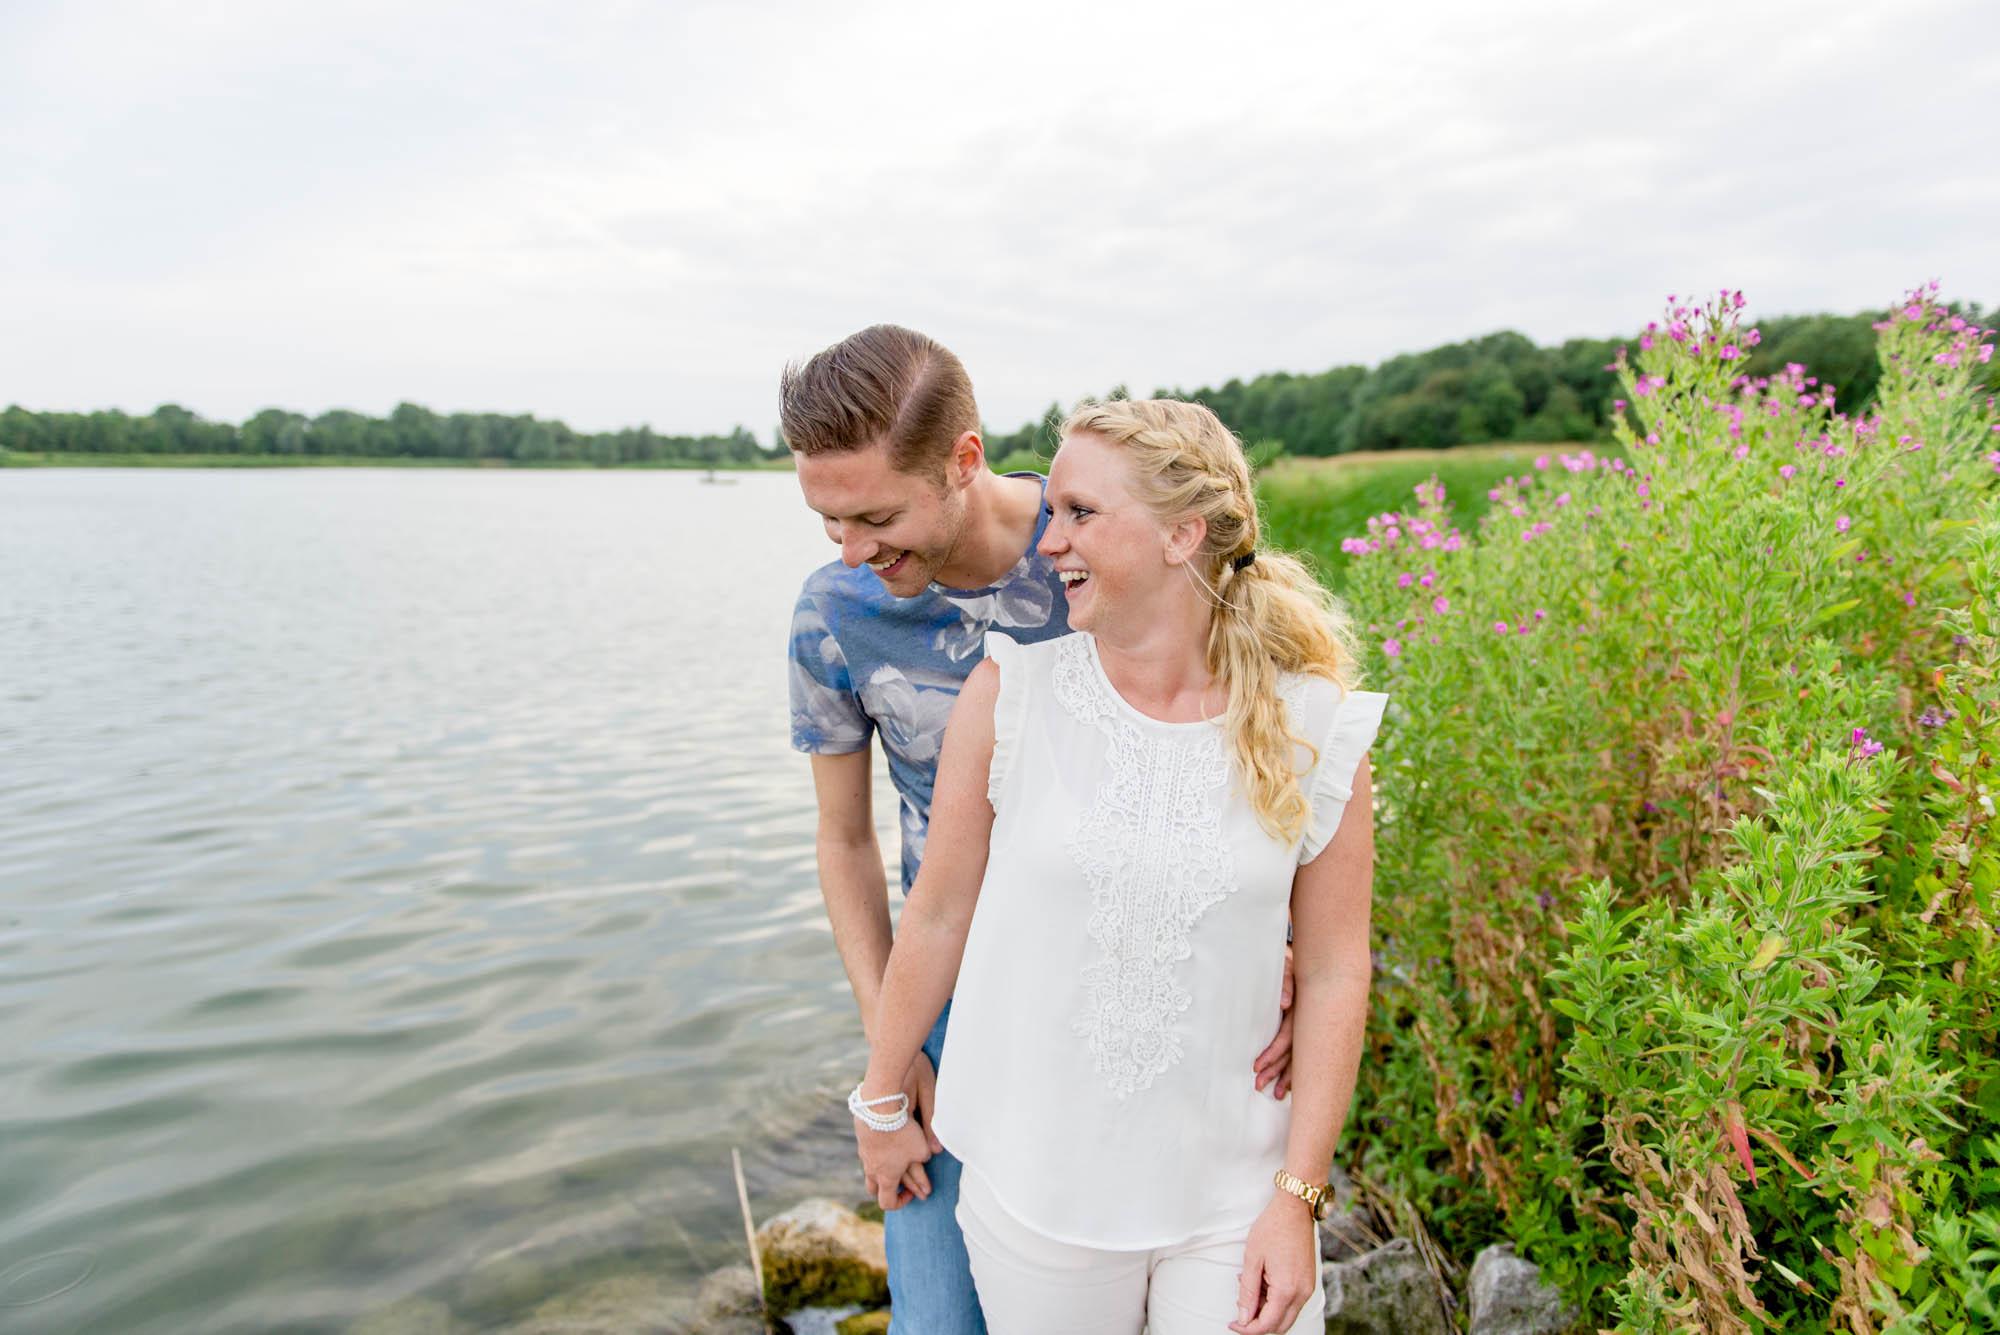 Loveshoot-Geestmerambacht-Alkmaar-Jeff-en-Esmee-154